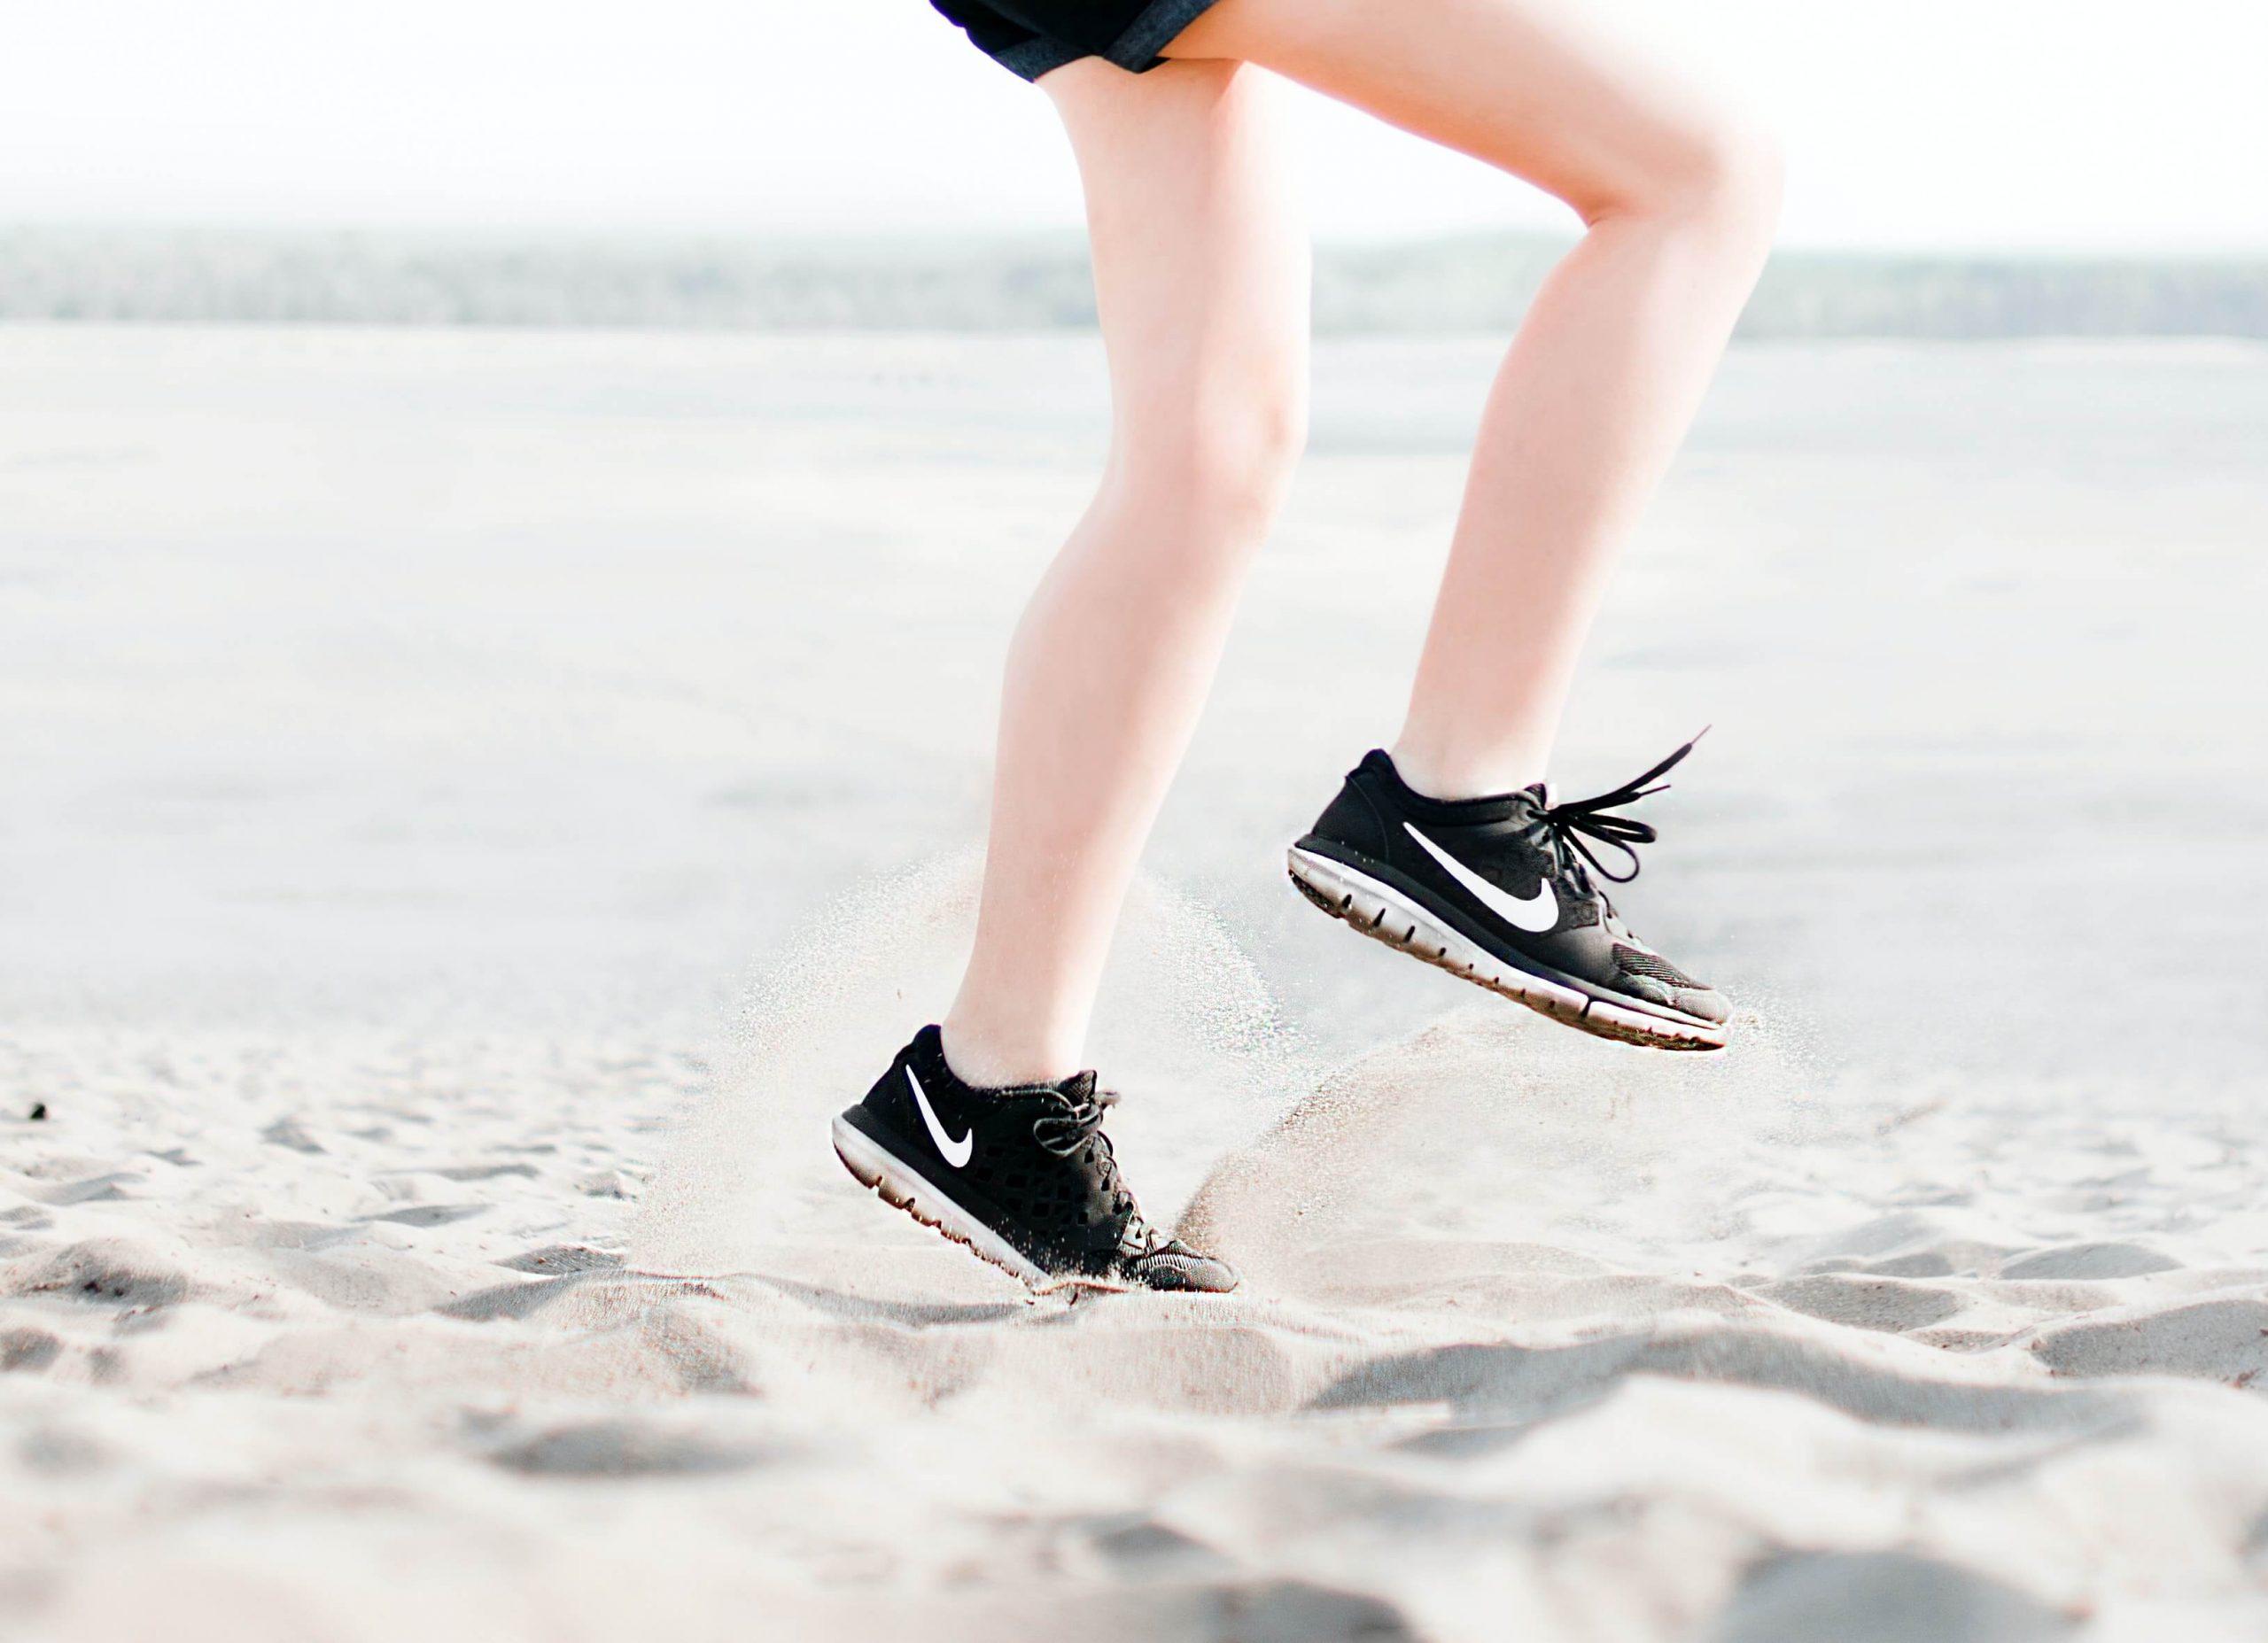 detalhe de pernas de pessoa a correr na areia